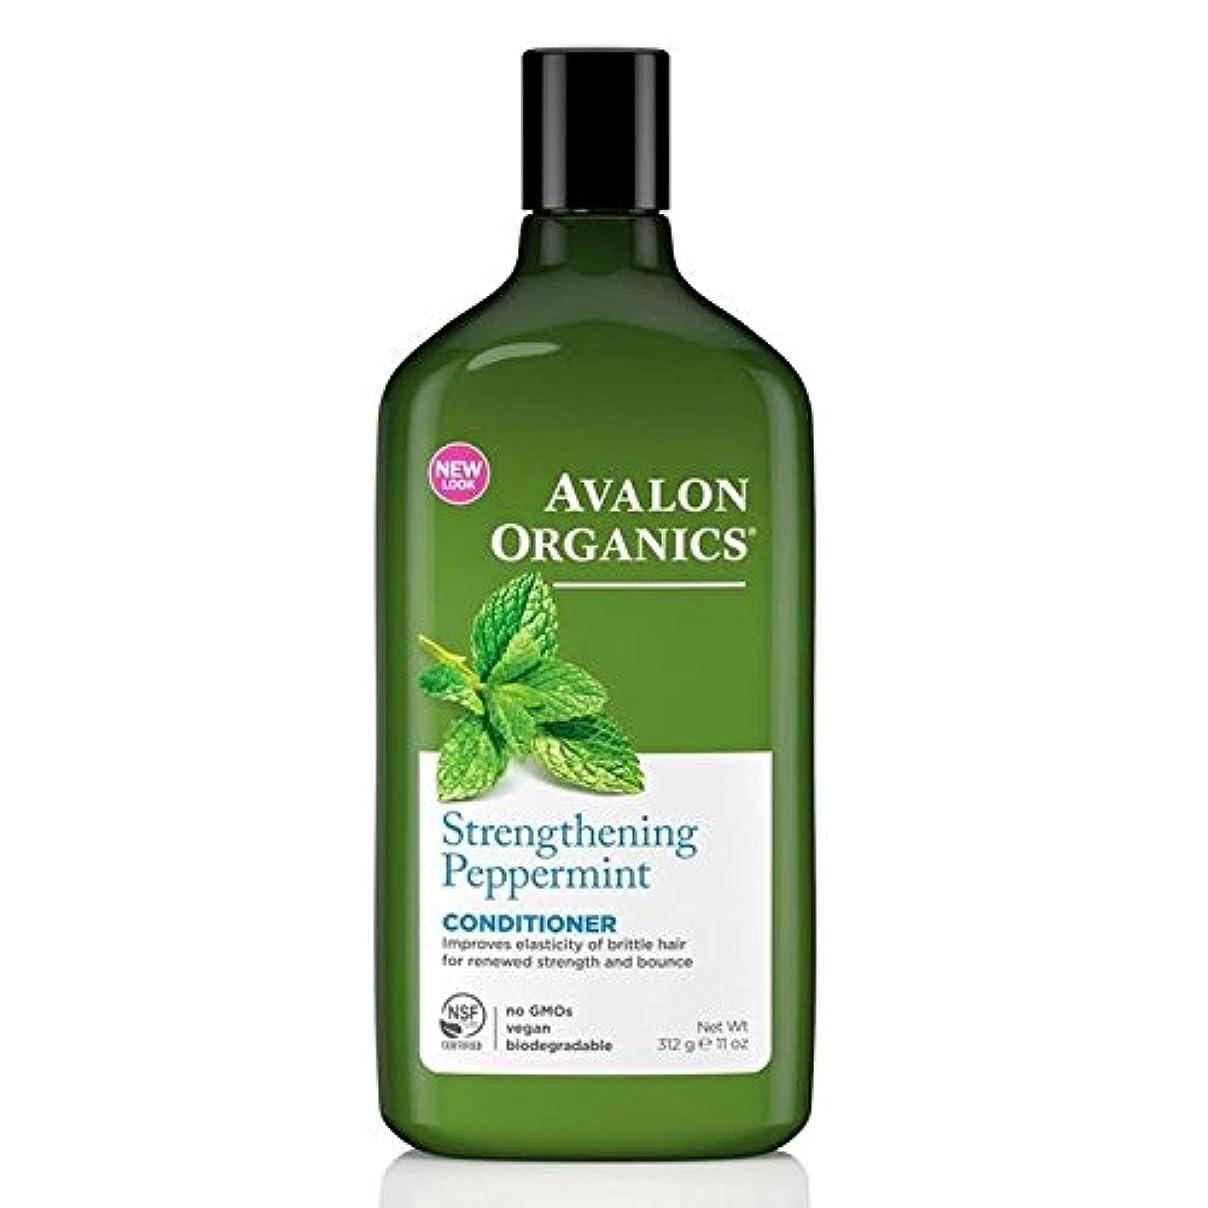 転用シャトルクリスマスAvalon Organics Peppermint Conditioner 325ml - (Avalon) ペパーミントコンディショナー325ミリリットル [並行輸入品]